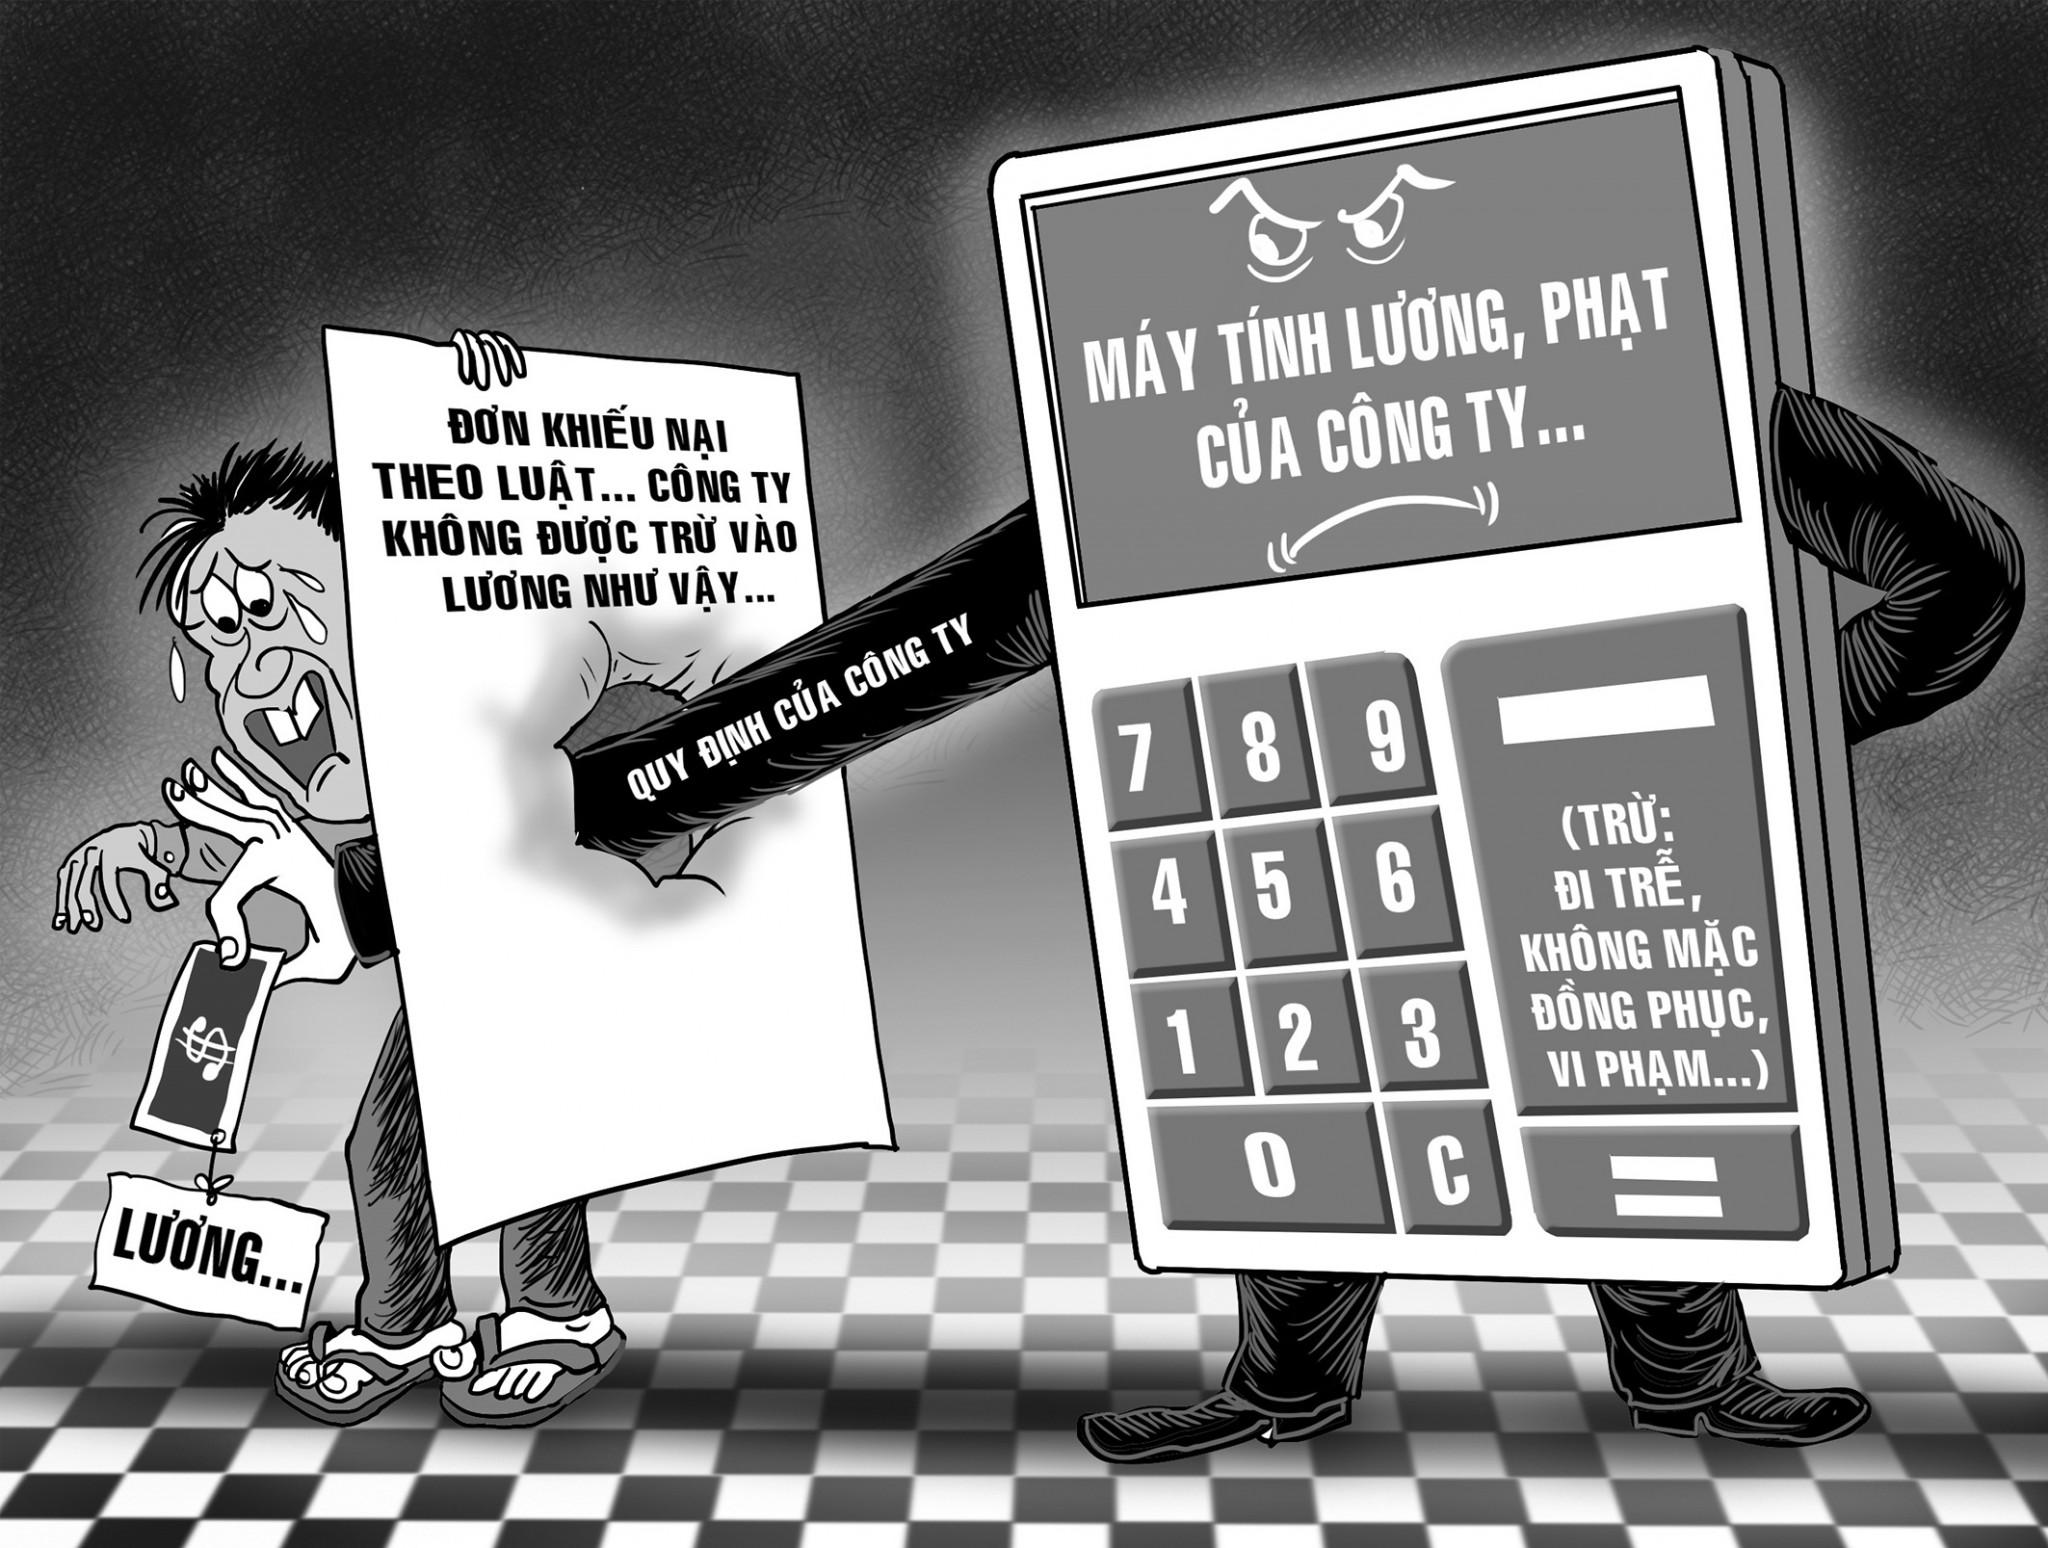 Khi bị người sử dụng lao động chèn ép, trừ lương, phải xử lý như thế nào?